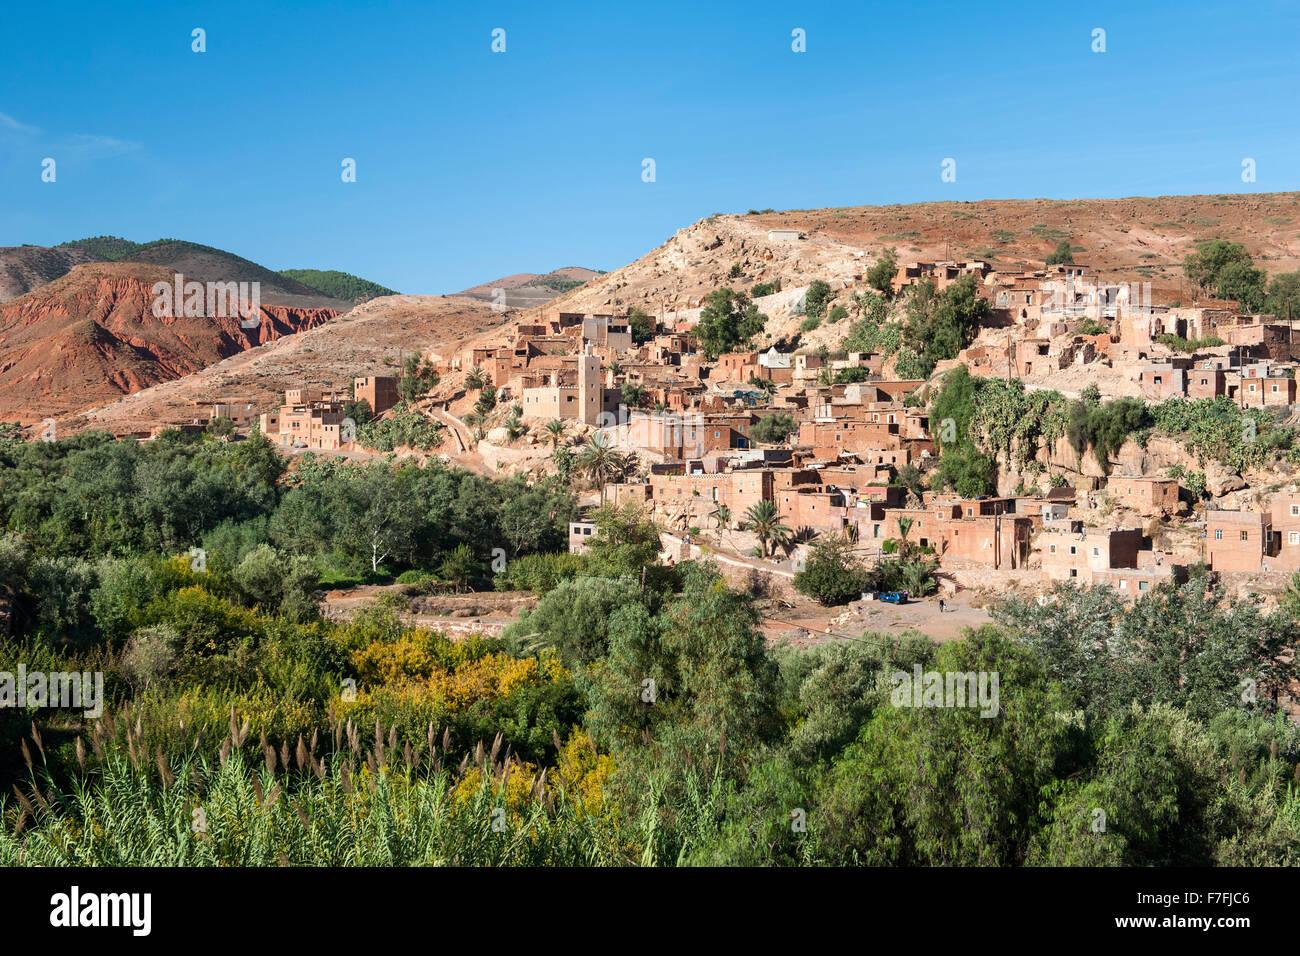 Villaggio di Asni ai piedi dei monti Atlas in Marocco. Immagini Stock